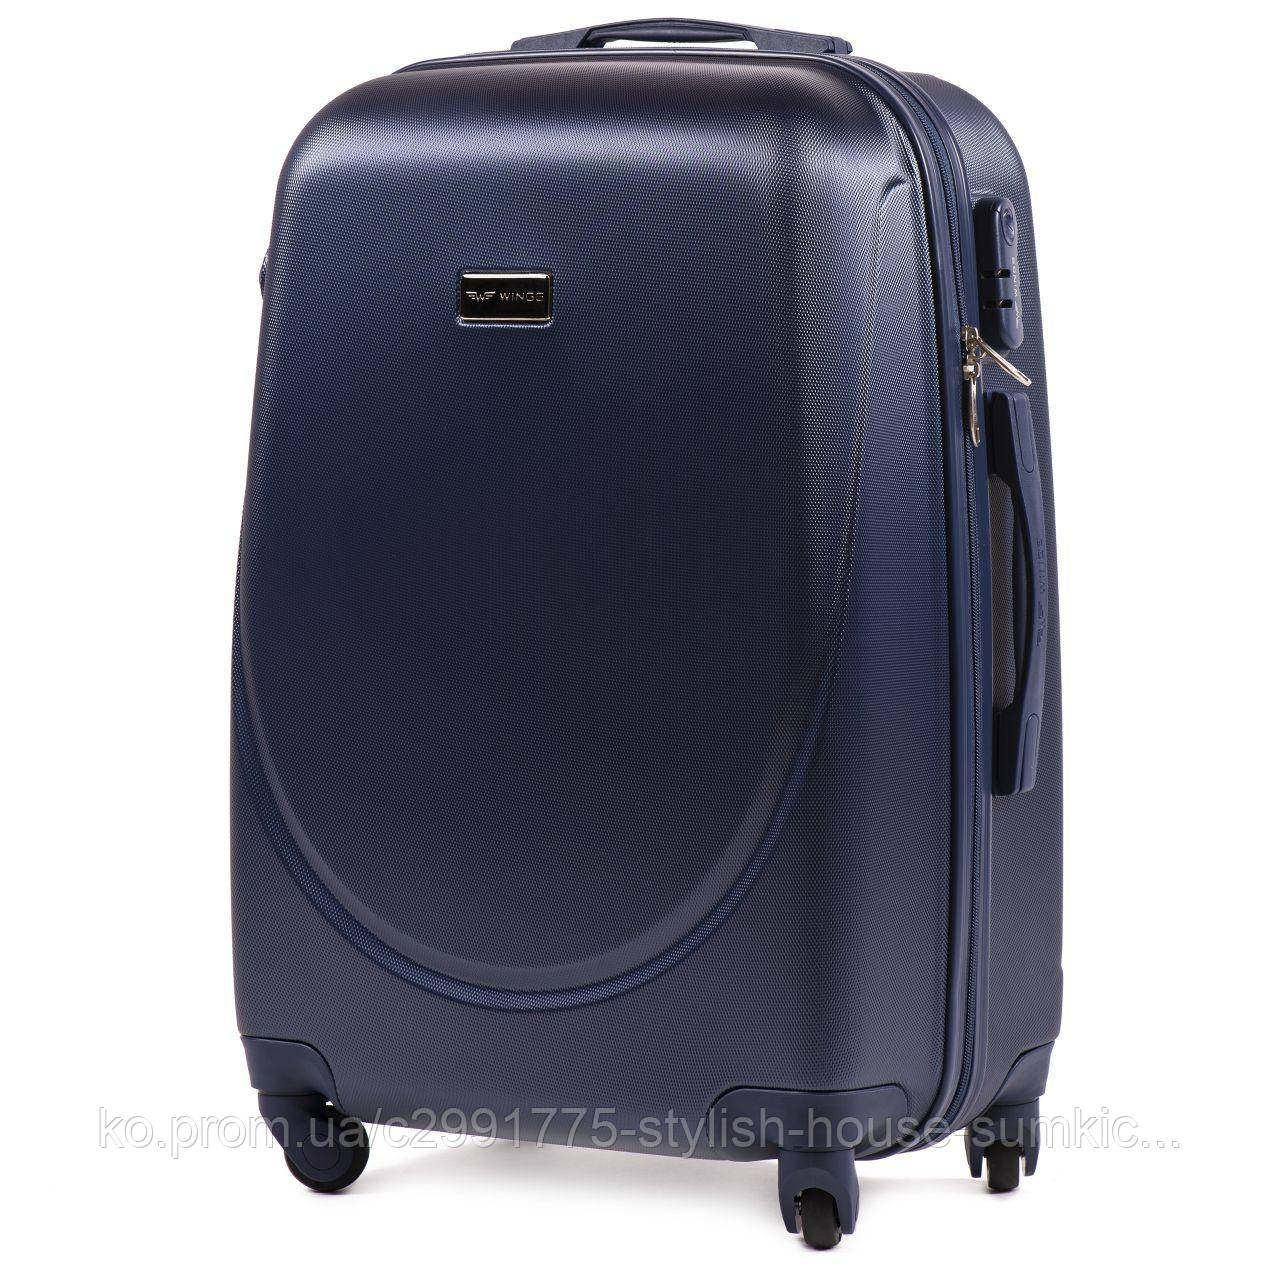 03d4ccaaf4a9 Чемодан Wings 310 большой (есть разные цвета) - Stylish-House-сумки,